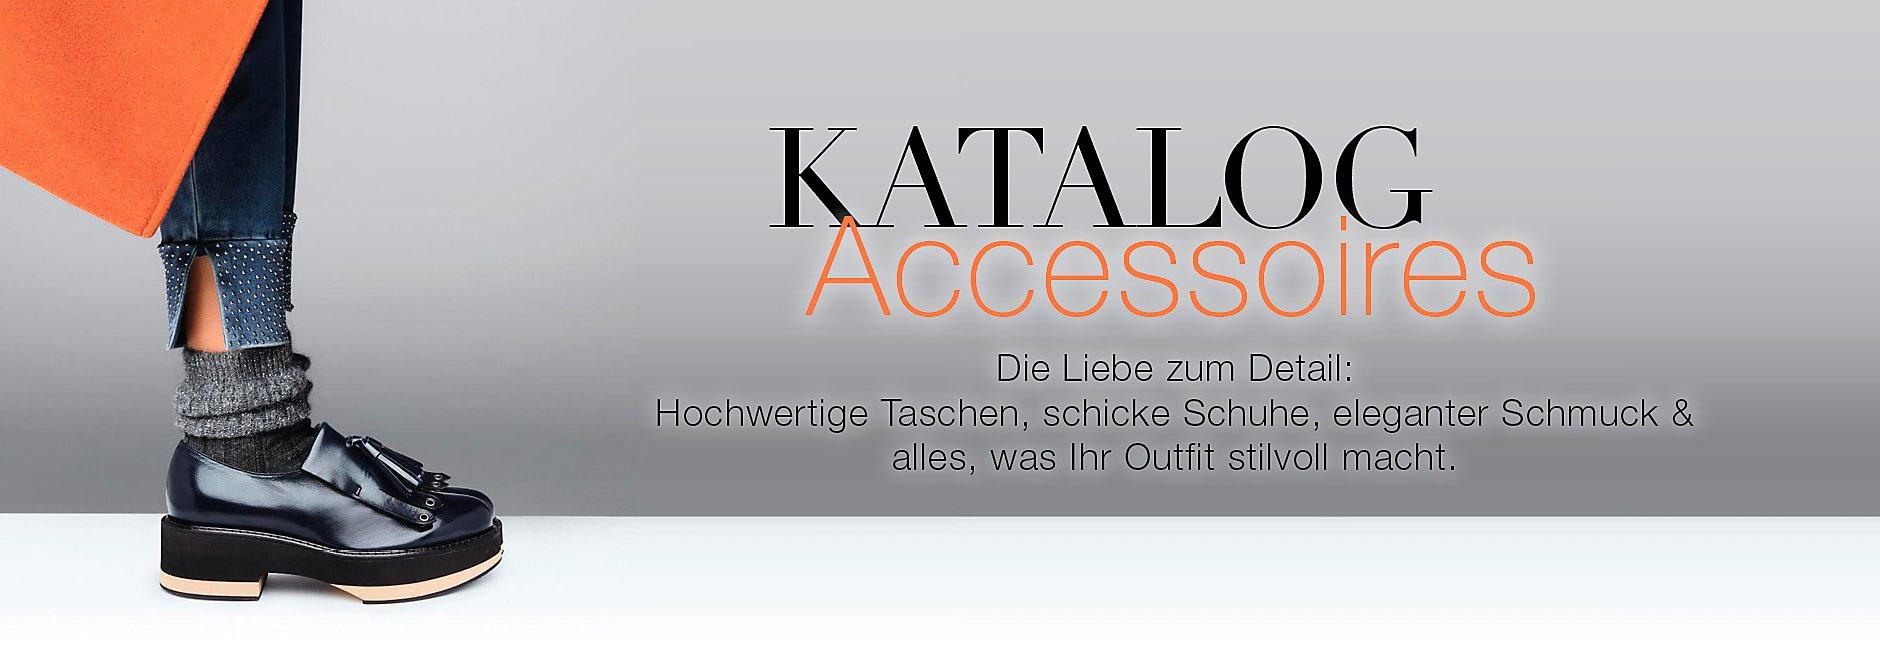 CHD_Kataloge_Acc_d.jpg